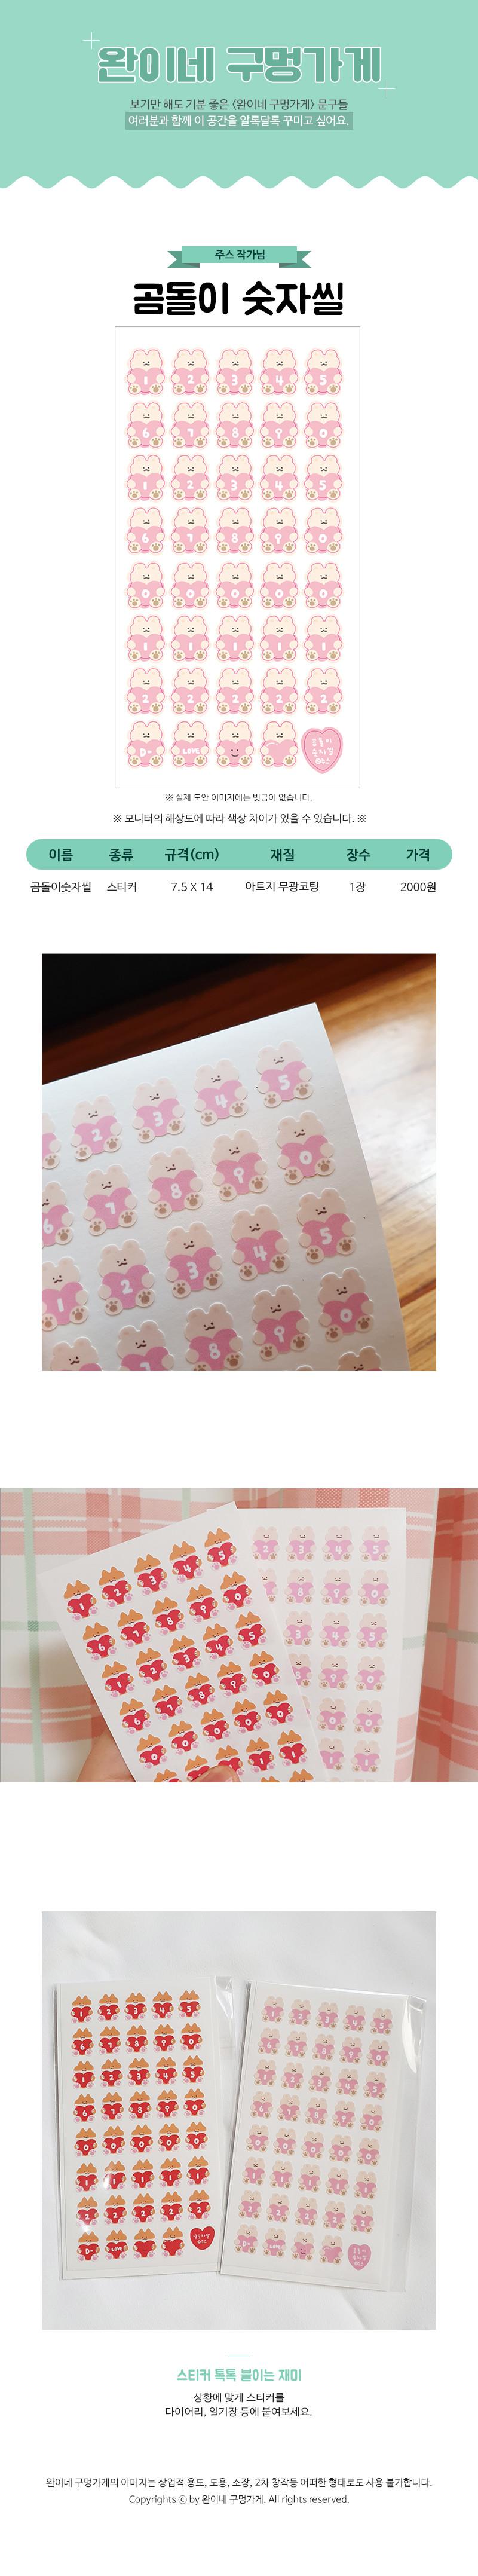 sticker421